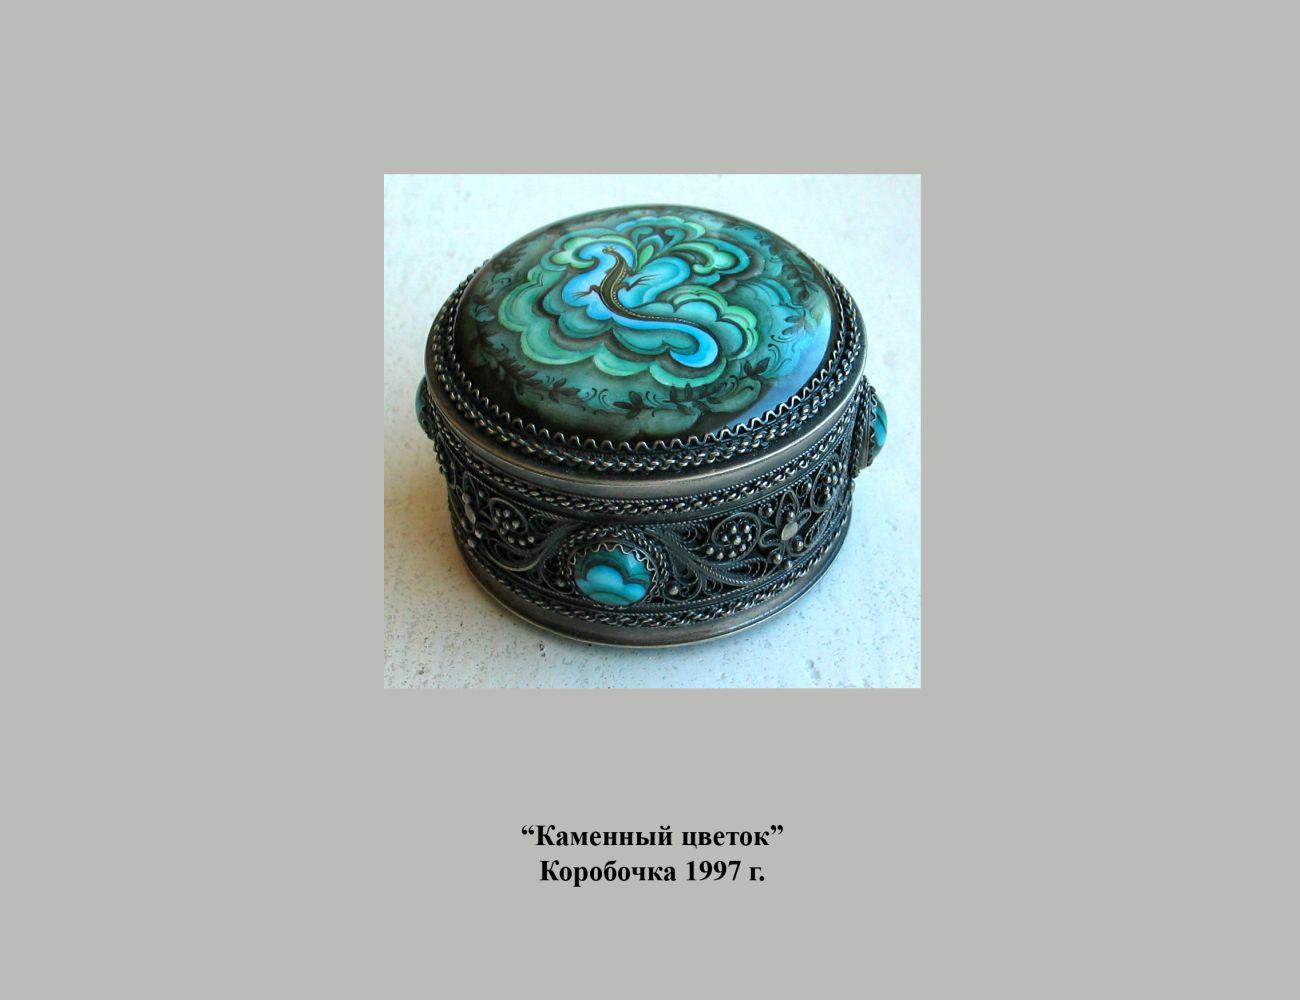 Л.В.Смирнова. Каменный цветок. 1997. Миниатюрная живопись по эмали. 55х55 мм. Ювелир С.В.Егорычев.